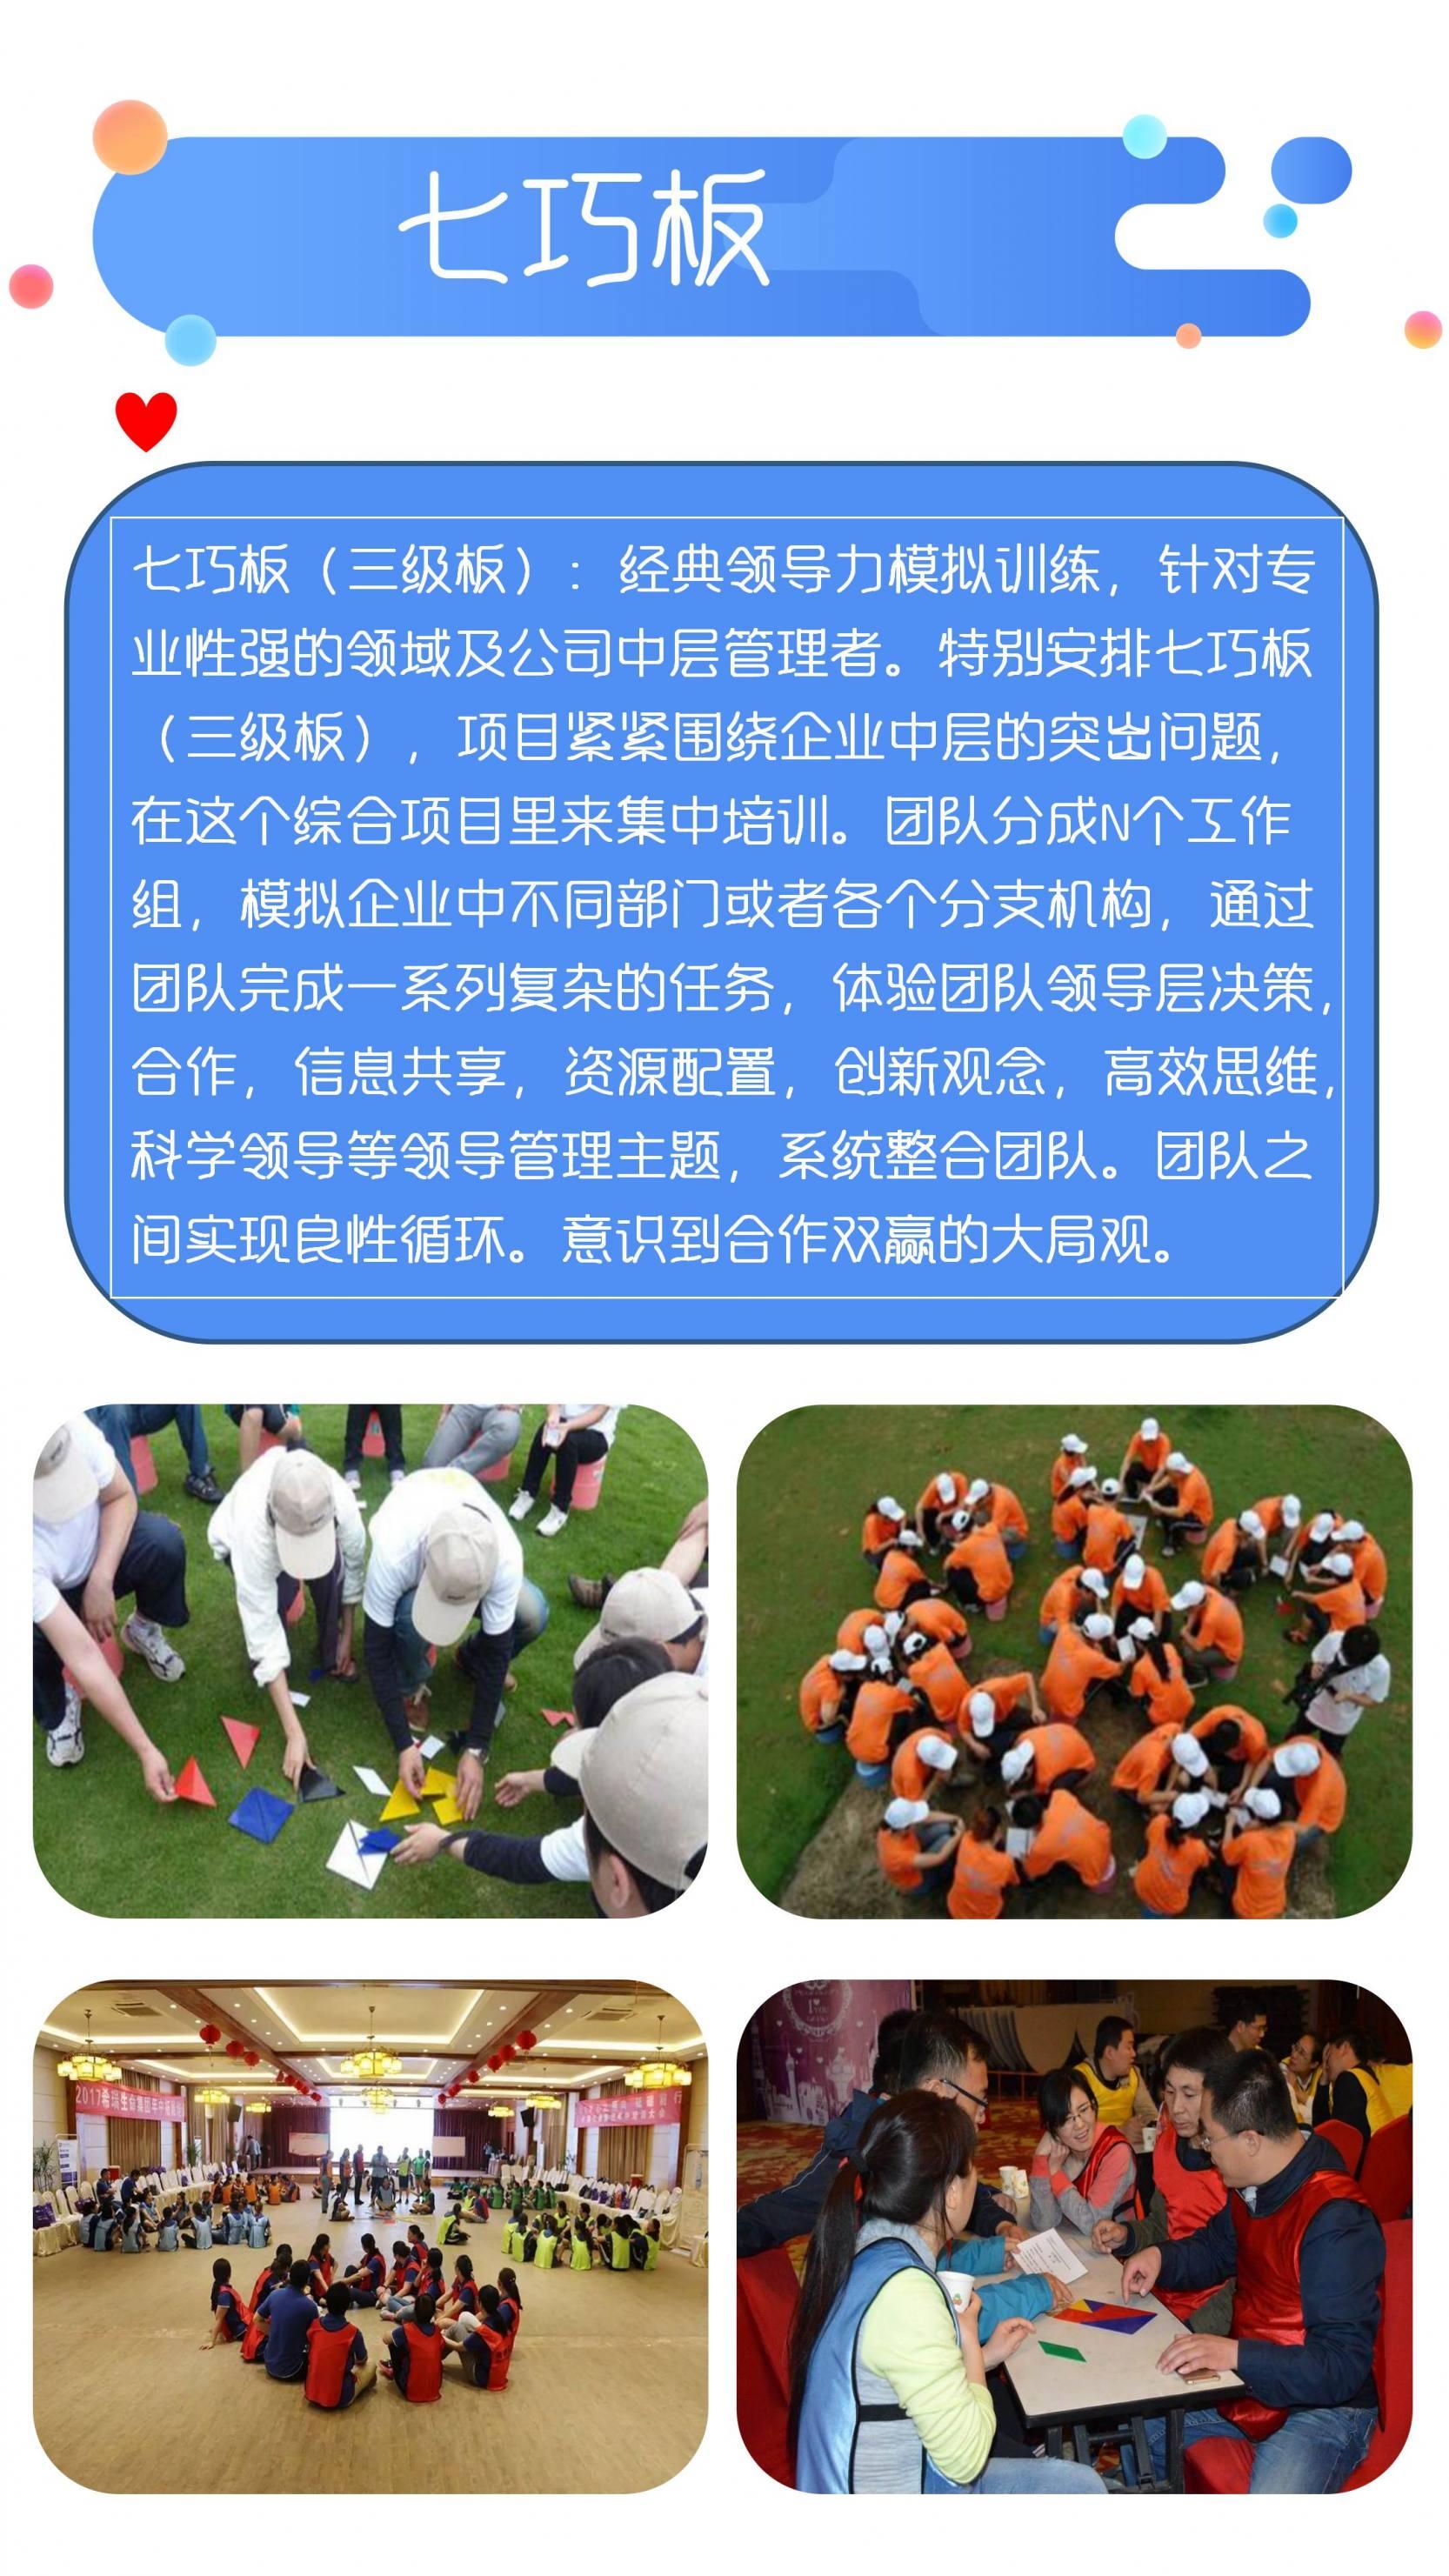 匠心筑梦,砥砺前行-网站上传版_09